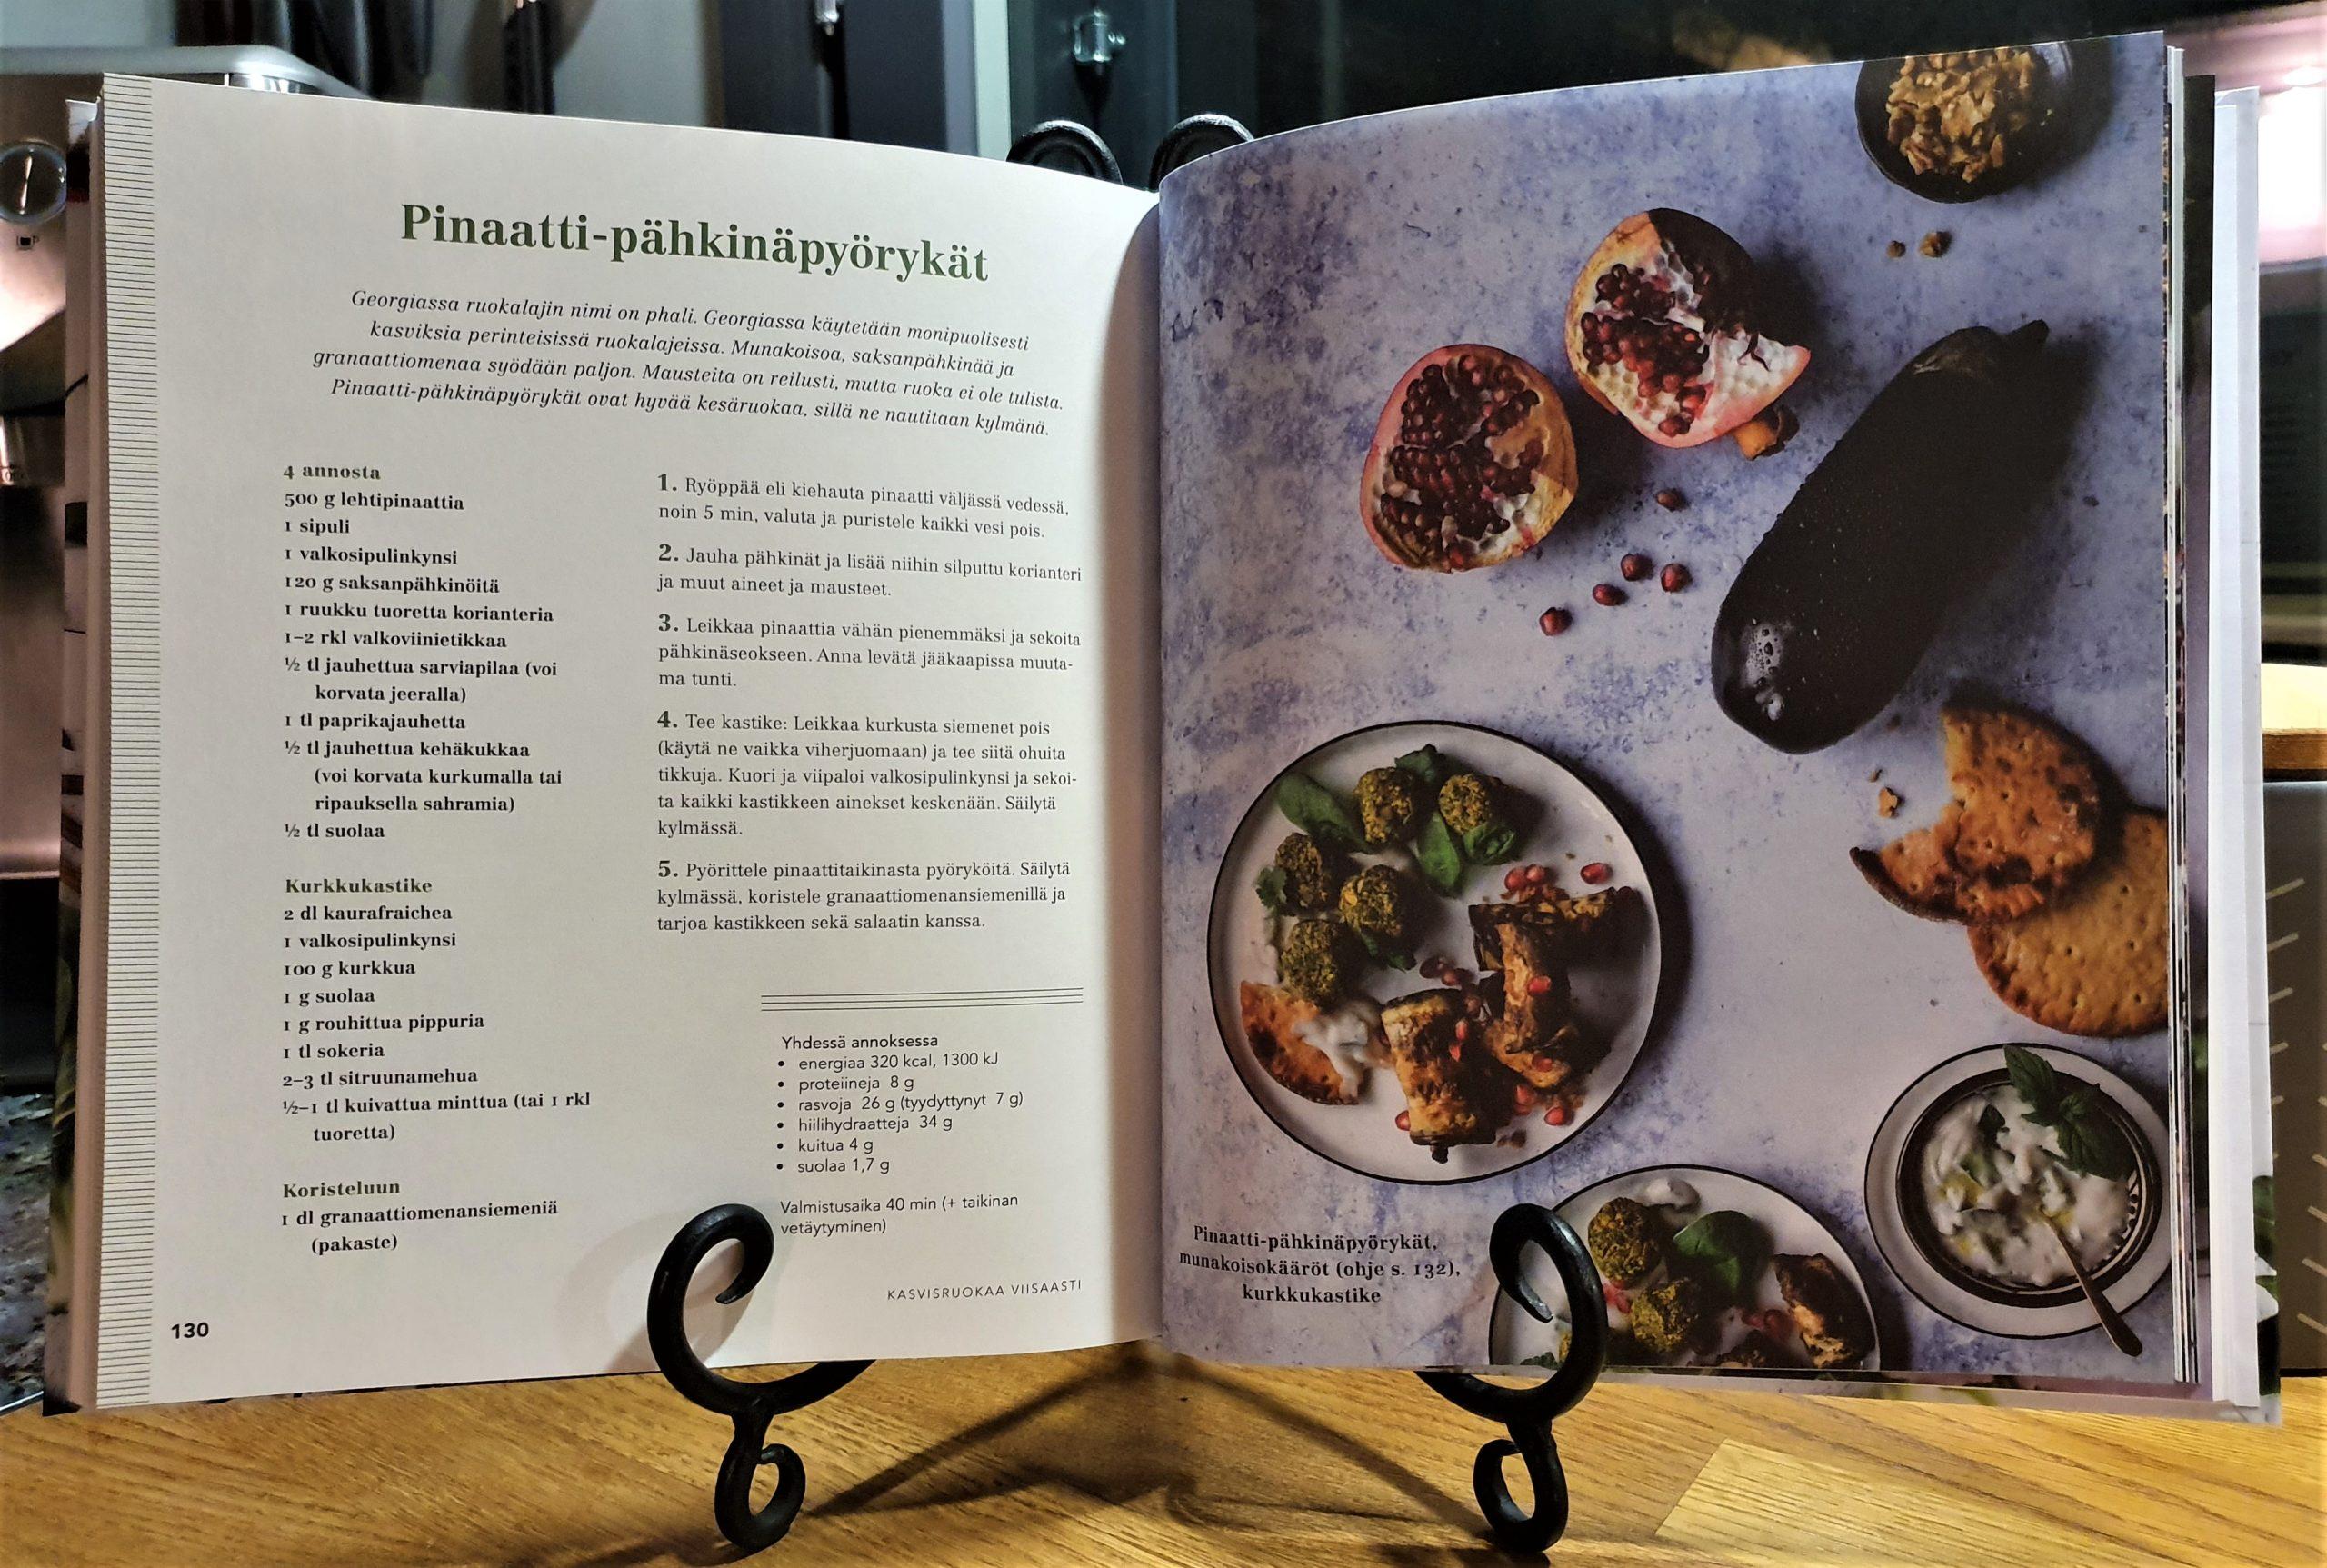 Pinaatti-pähkinäpyöryköiden ohje kirjasta Kasvisruokaa viisaasti